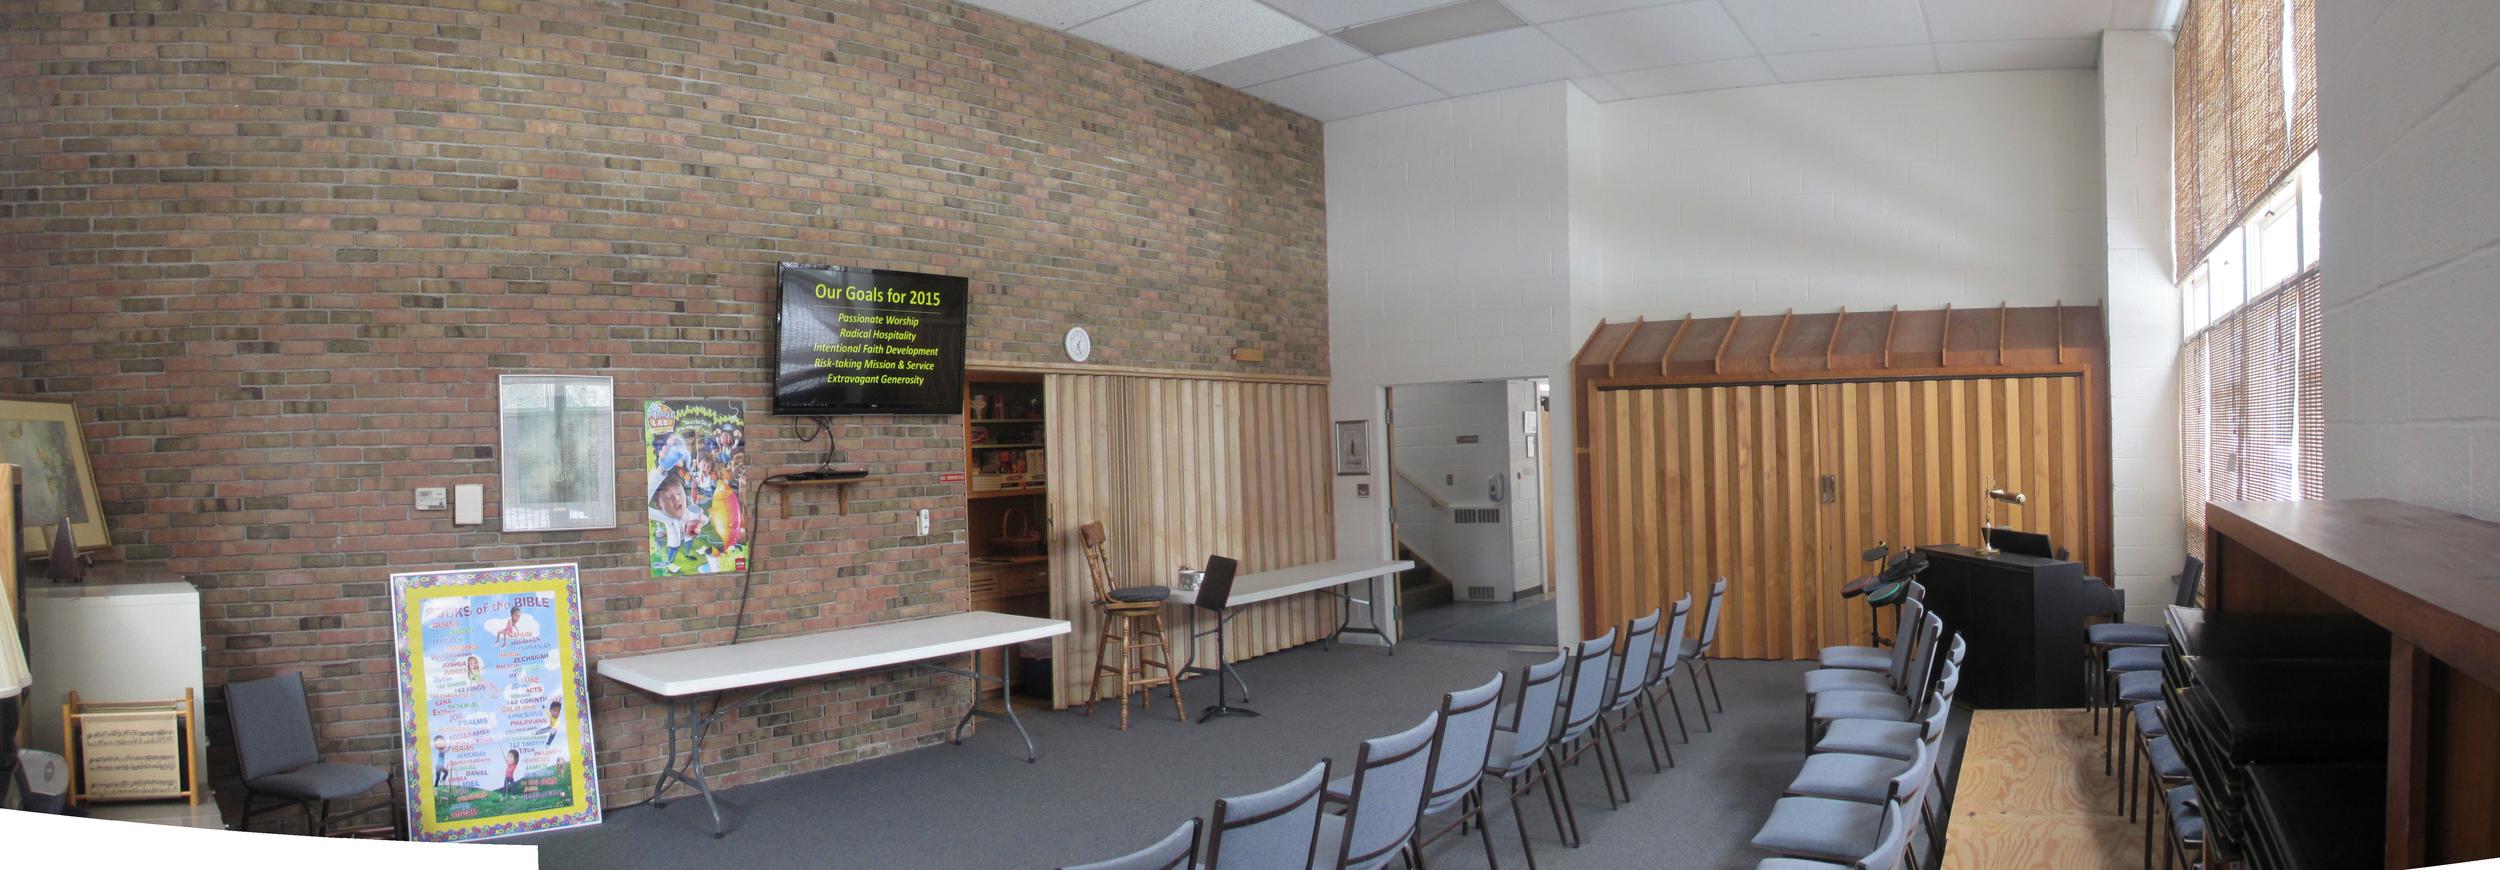 Choir and Meeting Room1.jpg